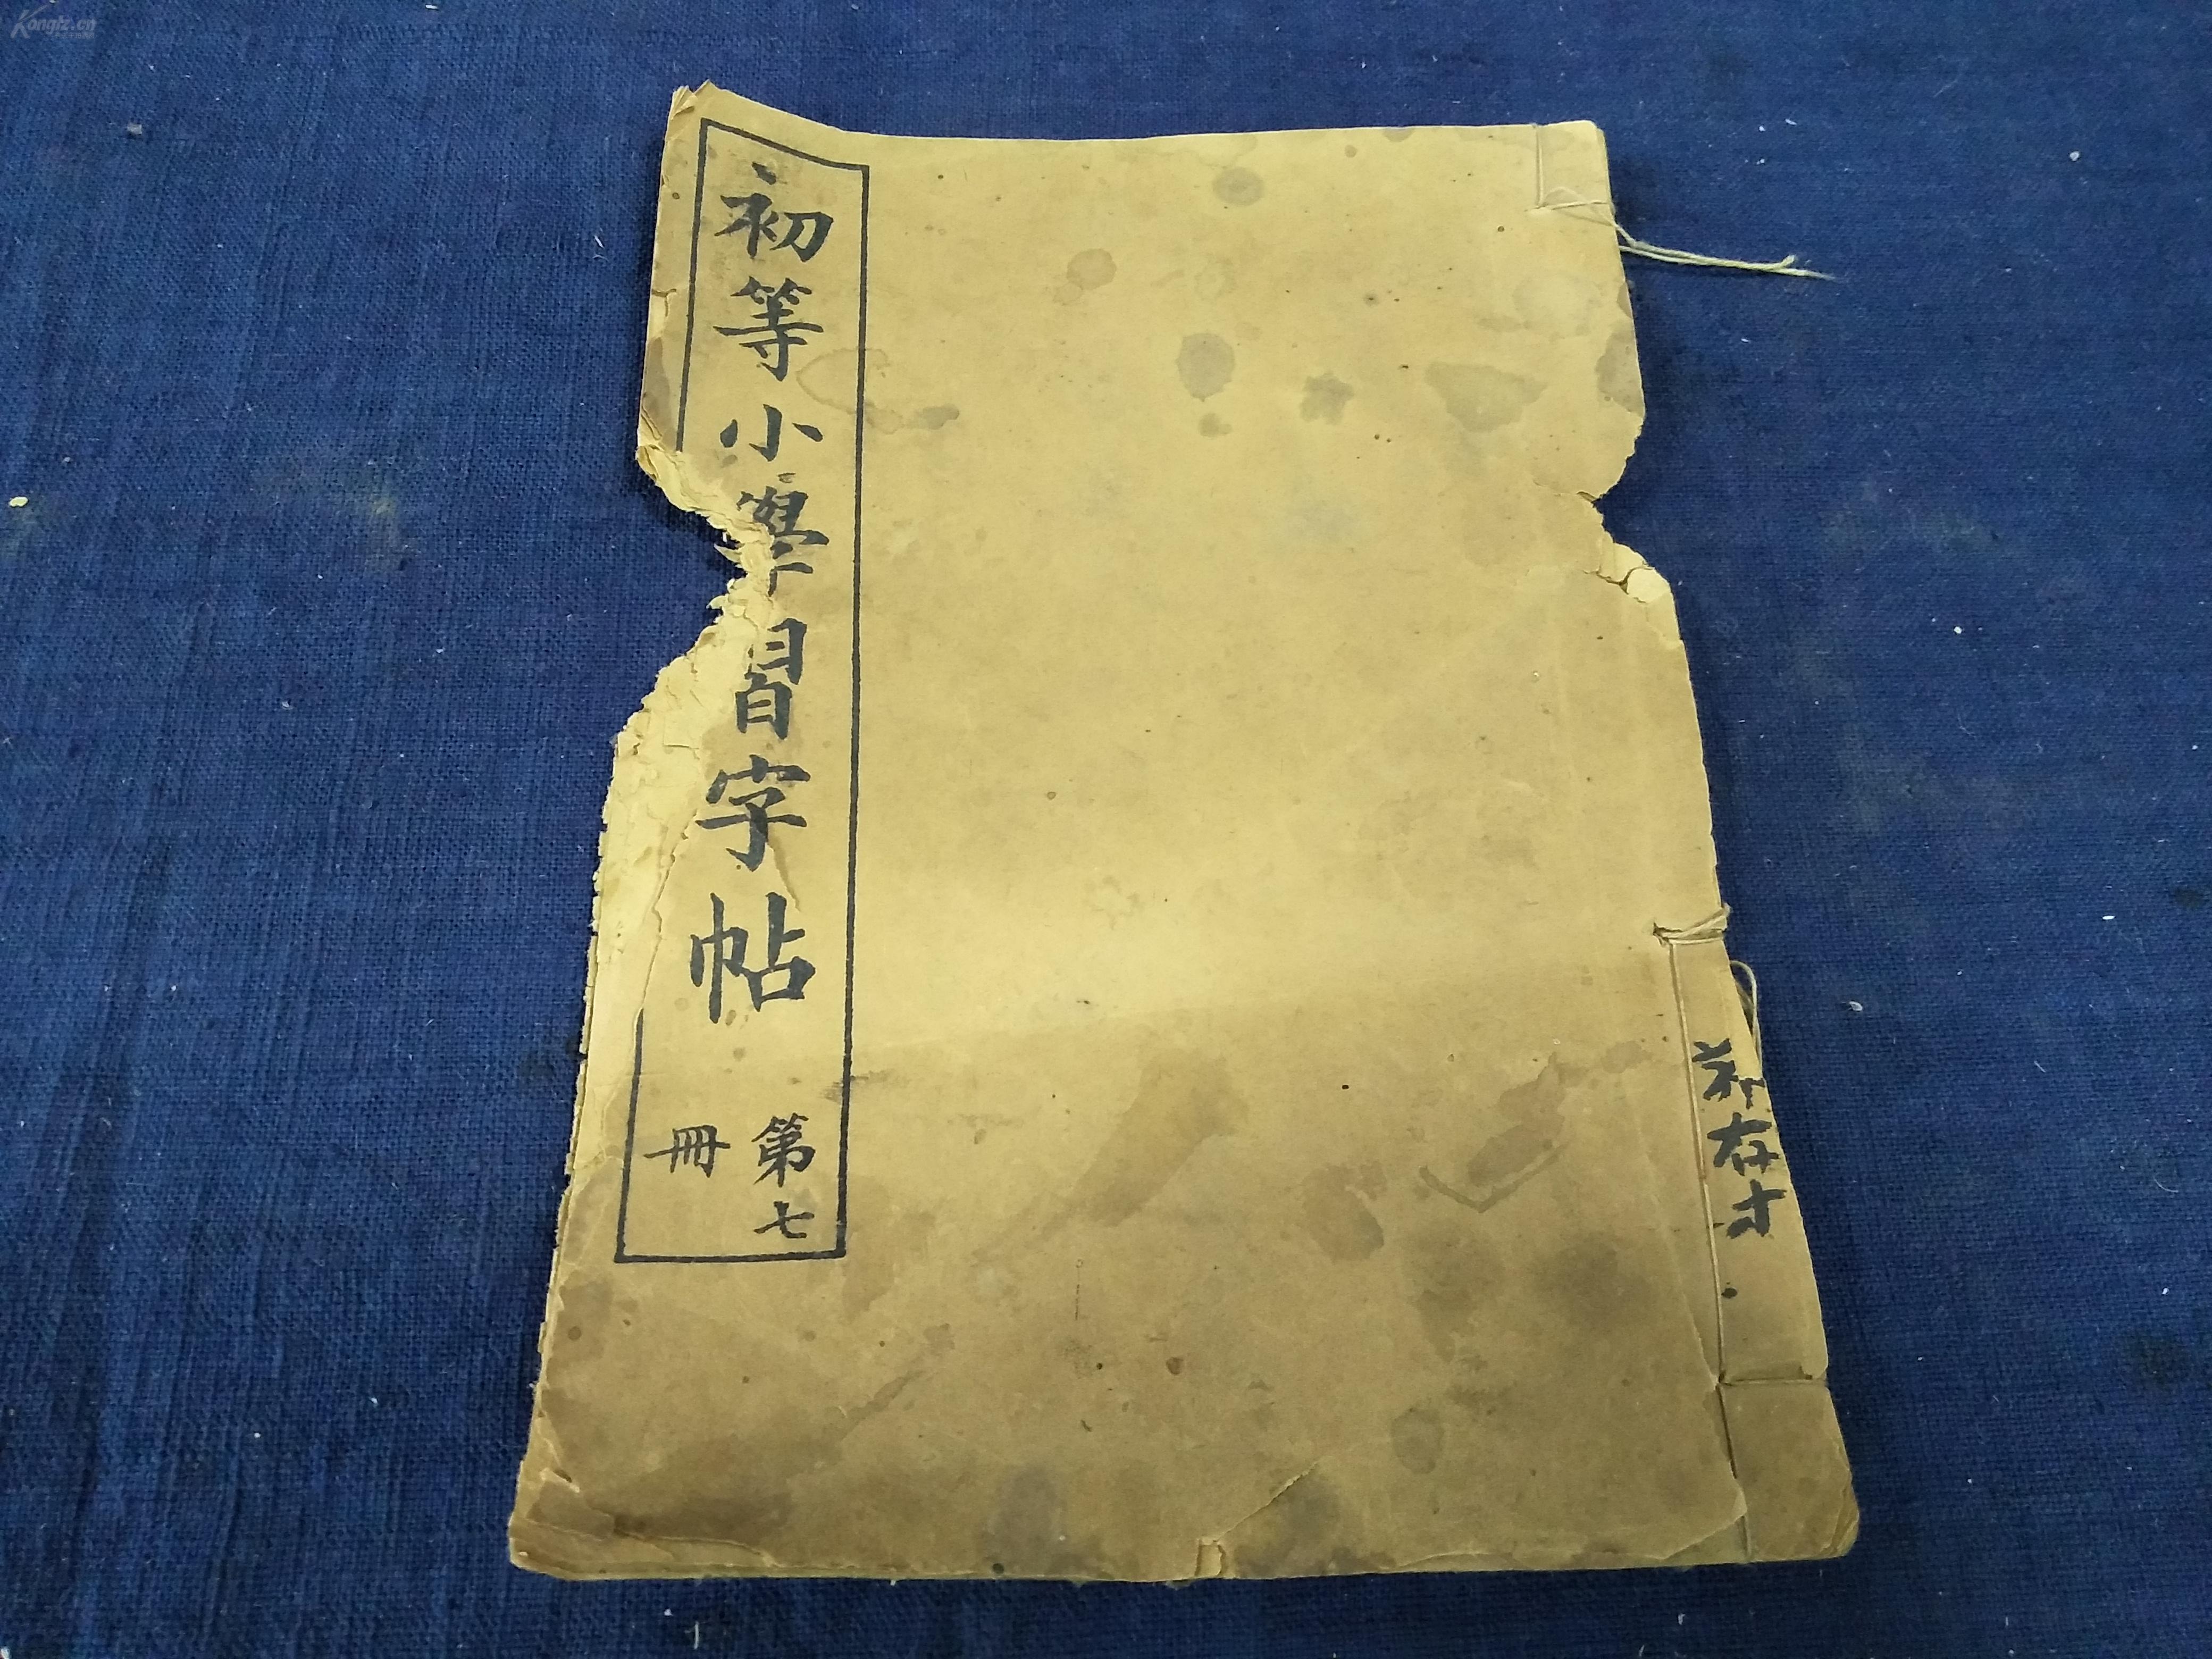 清光绪34年网站小学局《初等学部习字帖》图书新庄小学图片